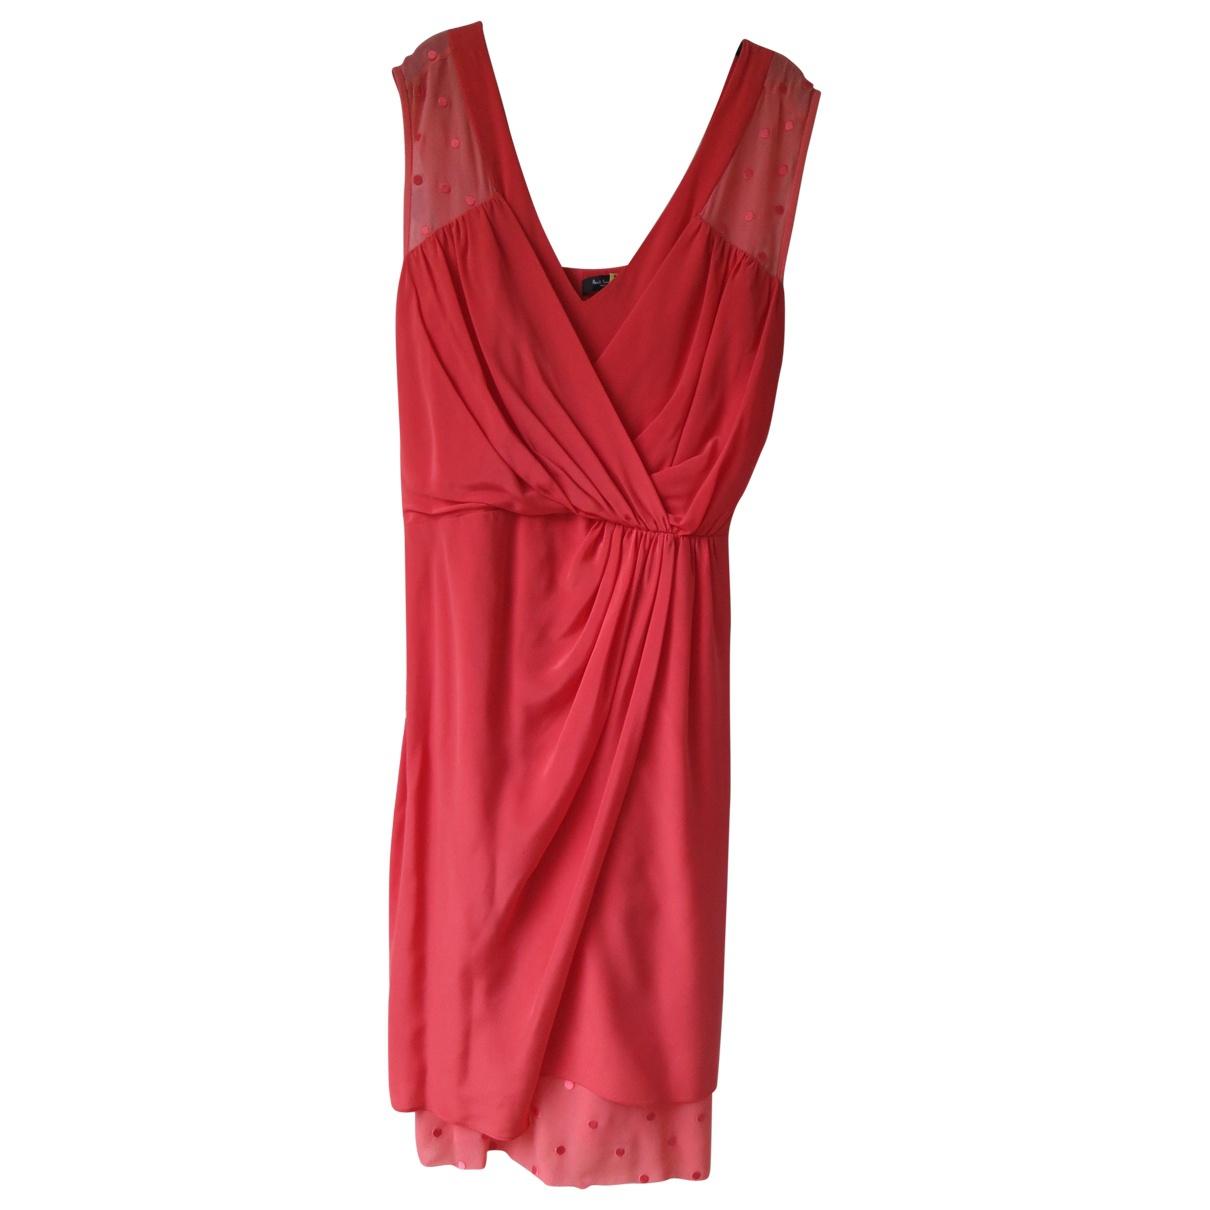 Paul Smith - Robe   pour femme en soie - rouge